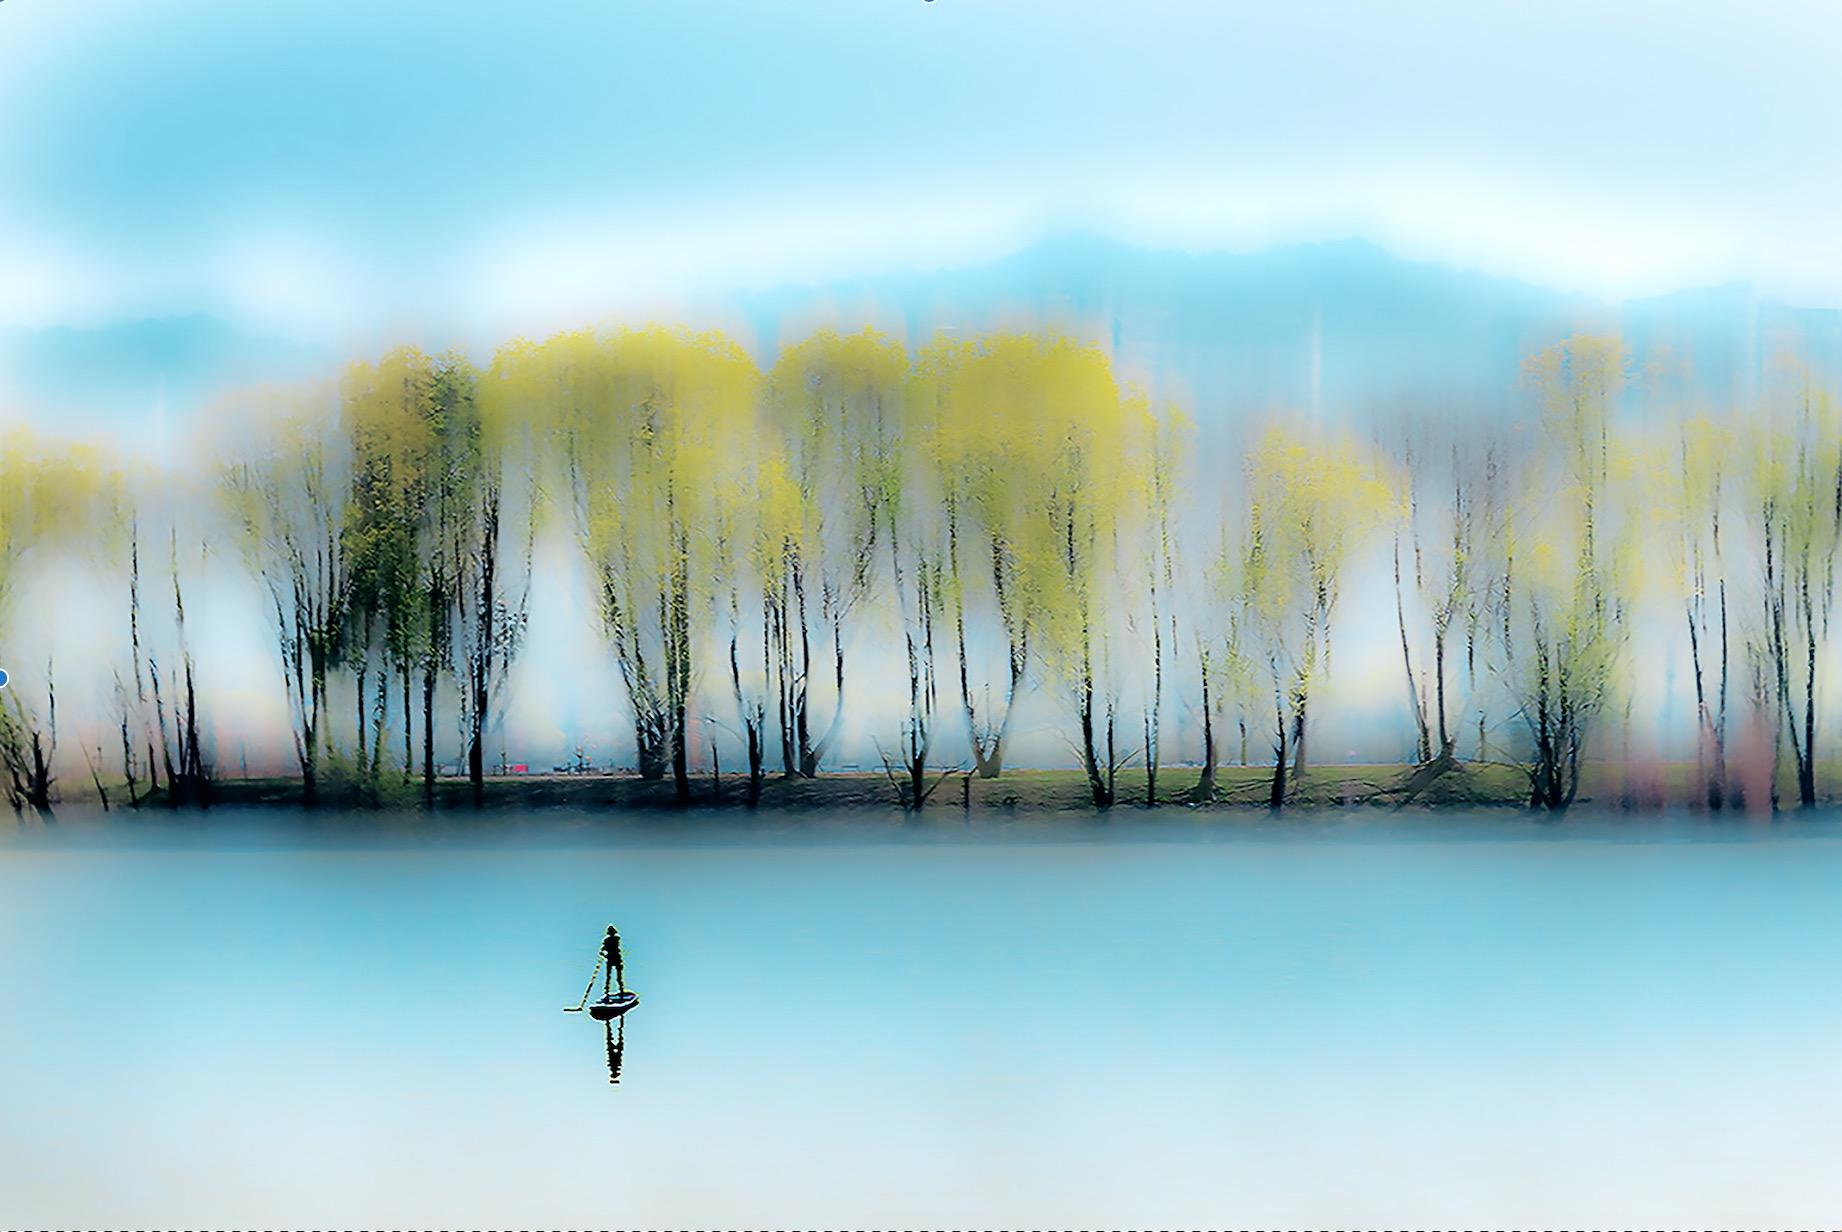 春来江水绿如蓝